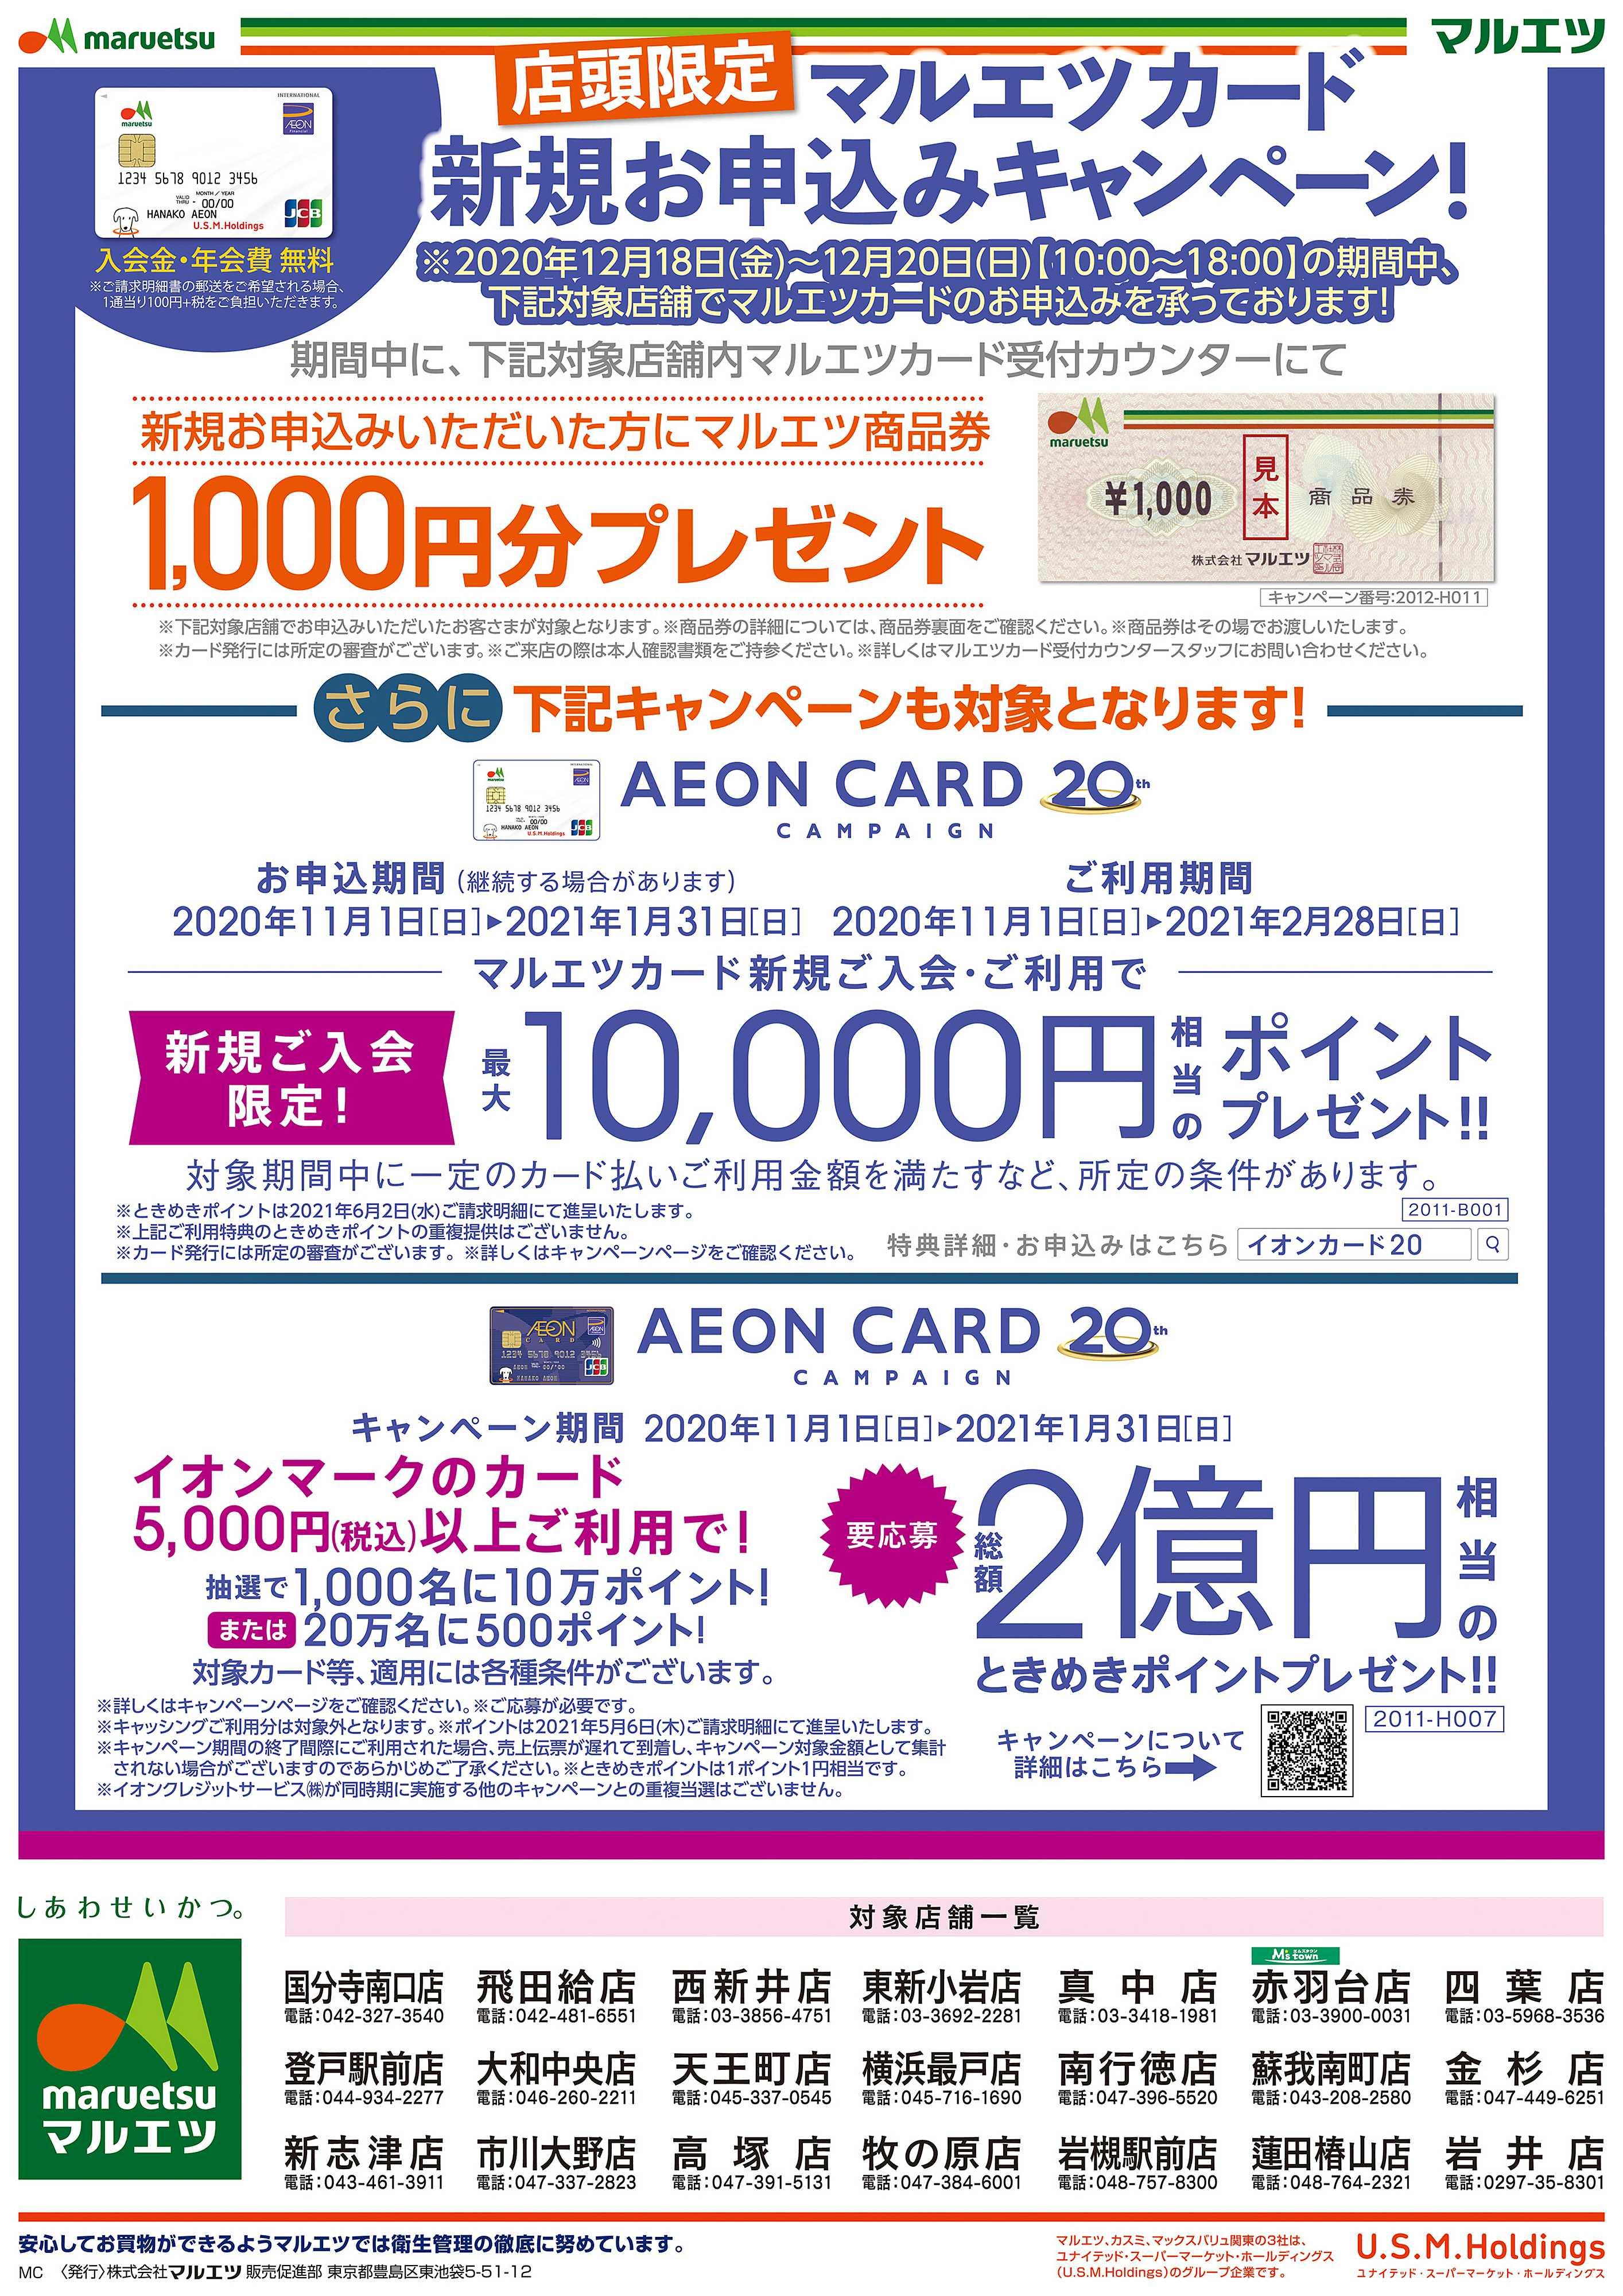 Compressed 201218 r m card%e8%a1%a8